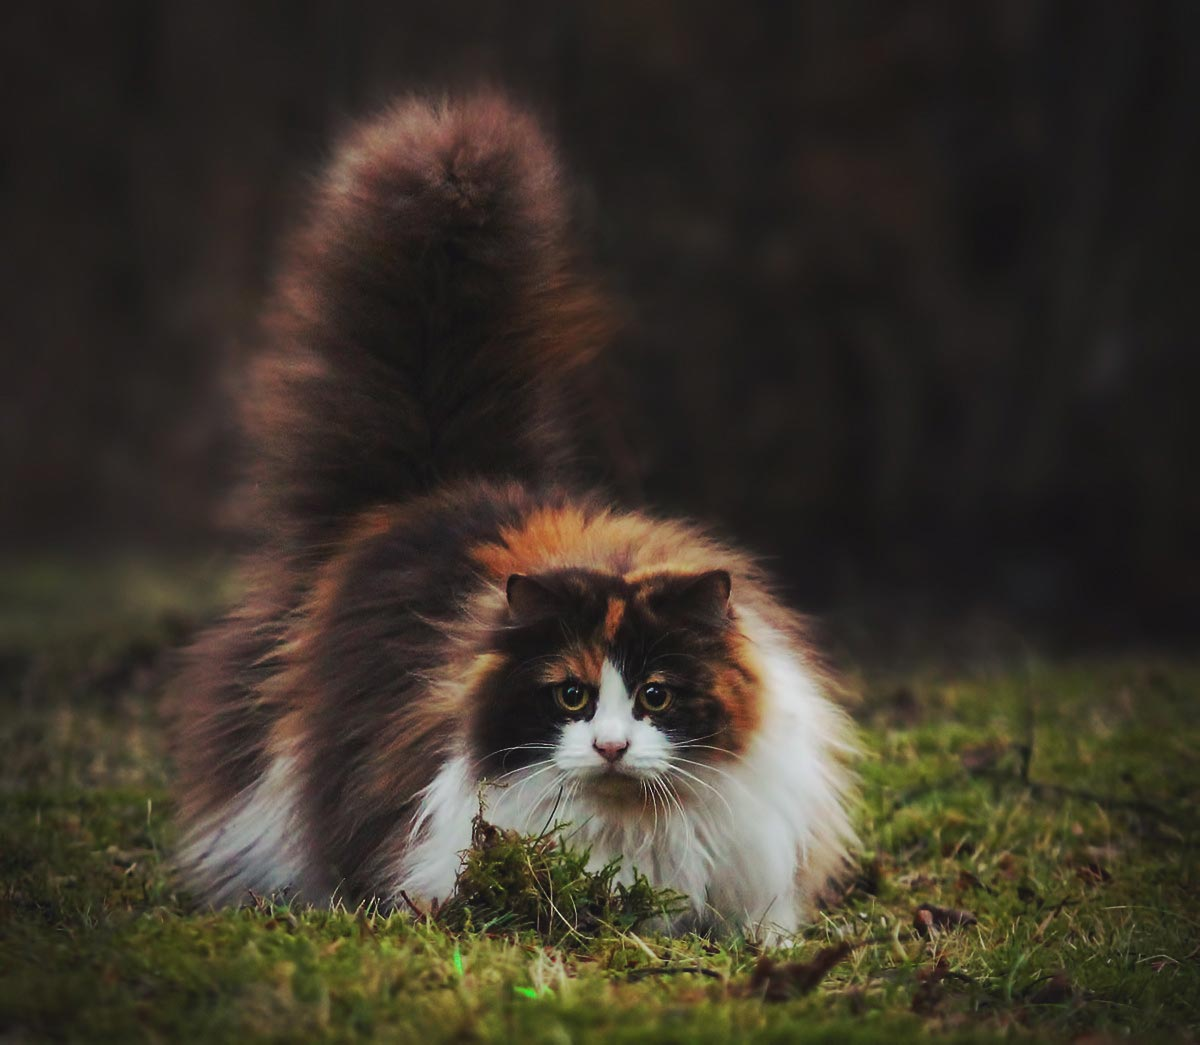 великих лук самые пушистые котята в мире фото решили